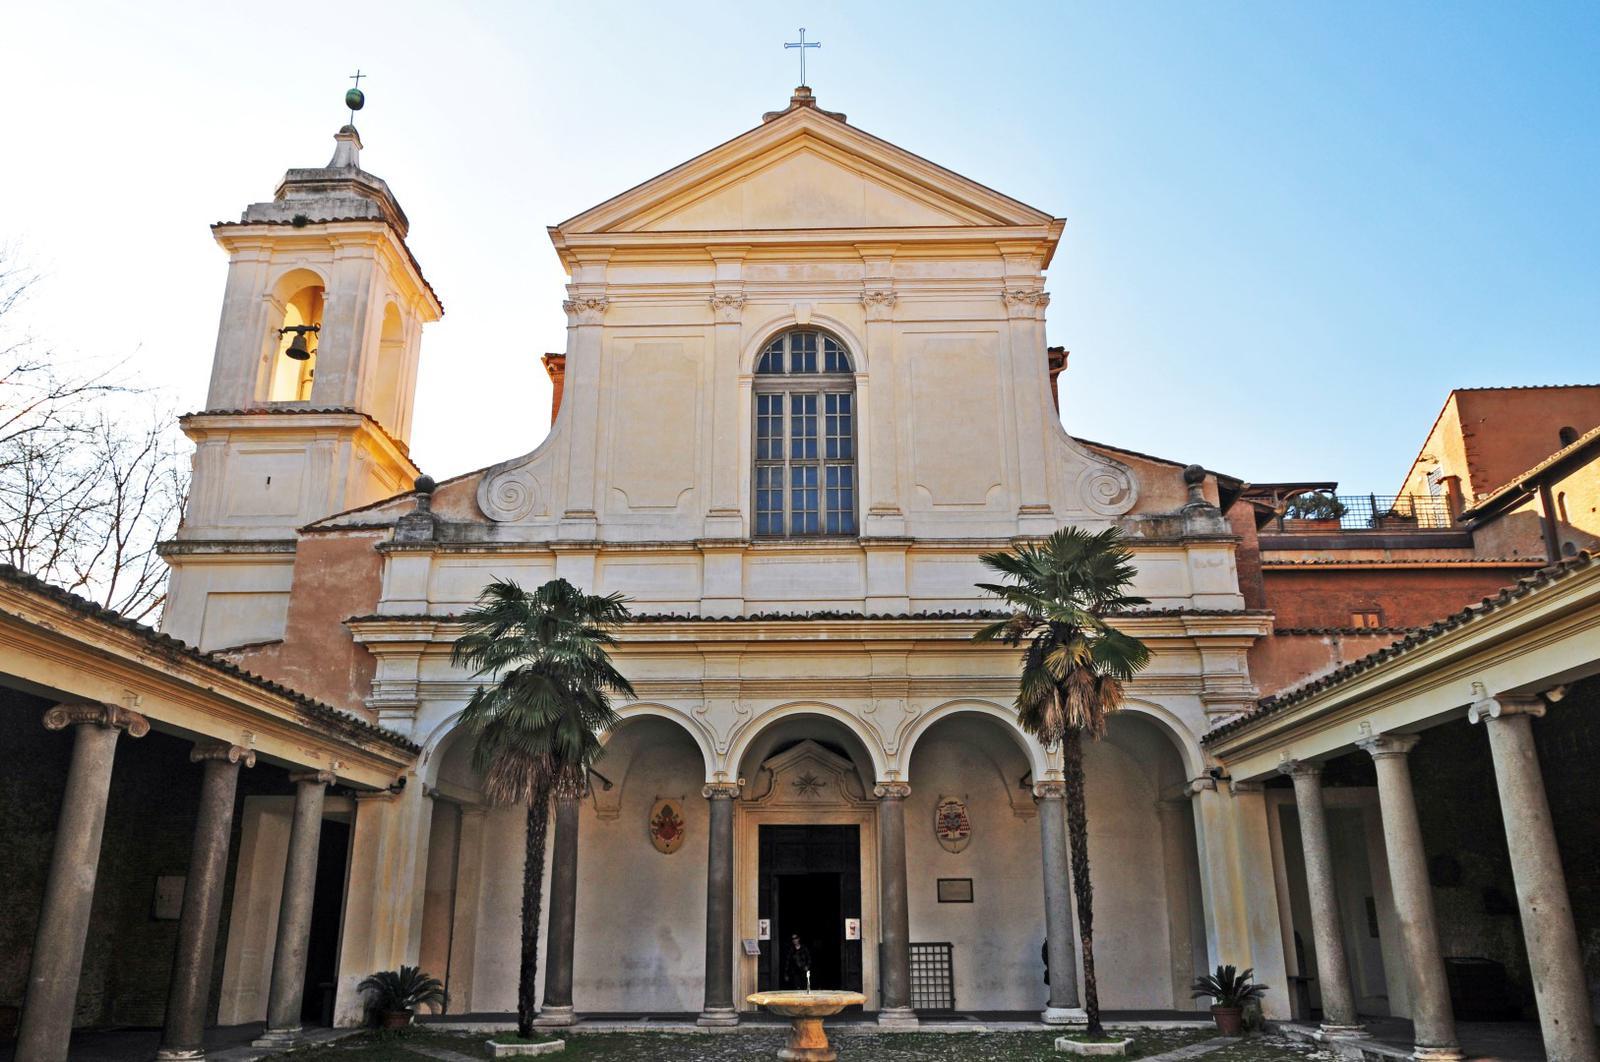 Bajo la Basílica de San Clemente se encuentra el templo pagano dedicado al dios Mitra.